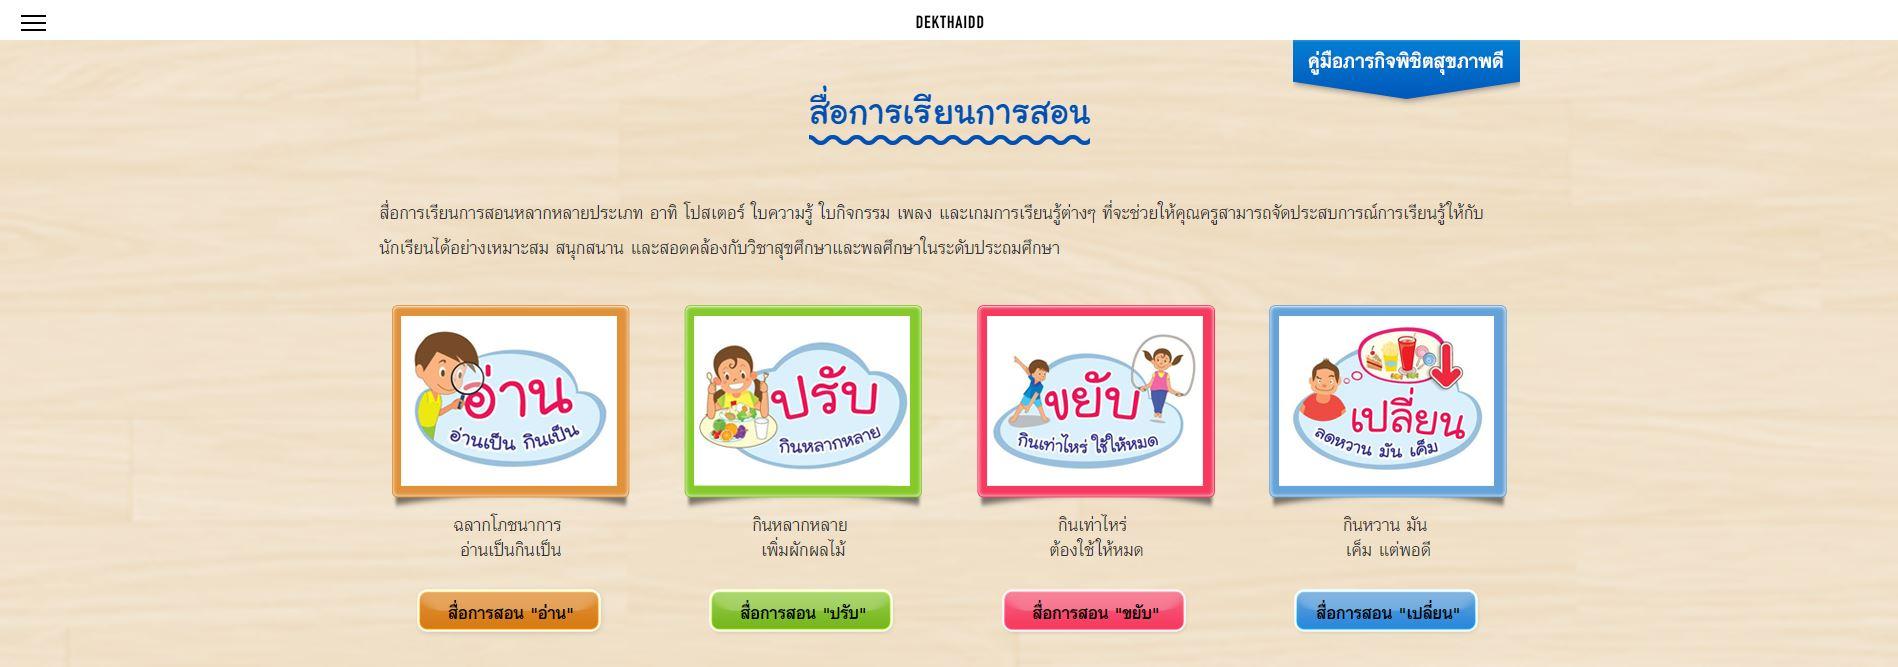 เปิดตัวเว็บไซต์ Dekthaidd.com โฉมใหม่ เพื่อส่งเสริมการปลูกฝังพฤติกรรมที่ถูกหลักโภชนาการในเด็กวัยเรียน 13 -